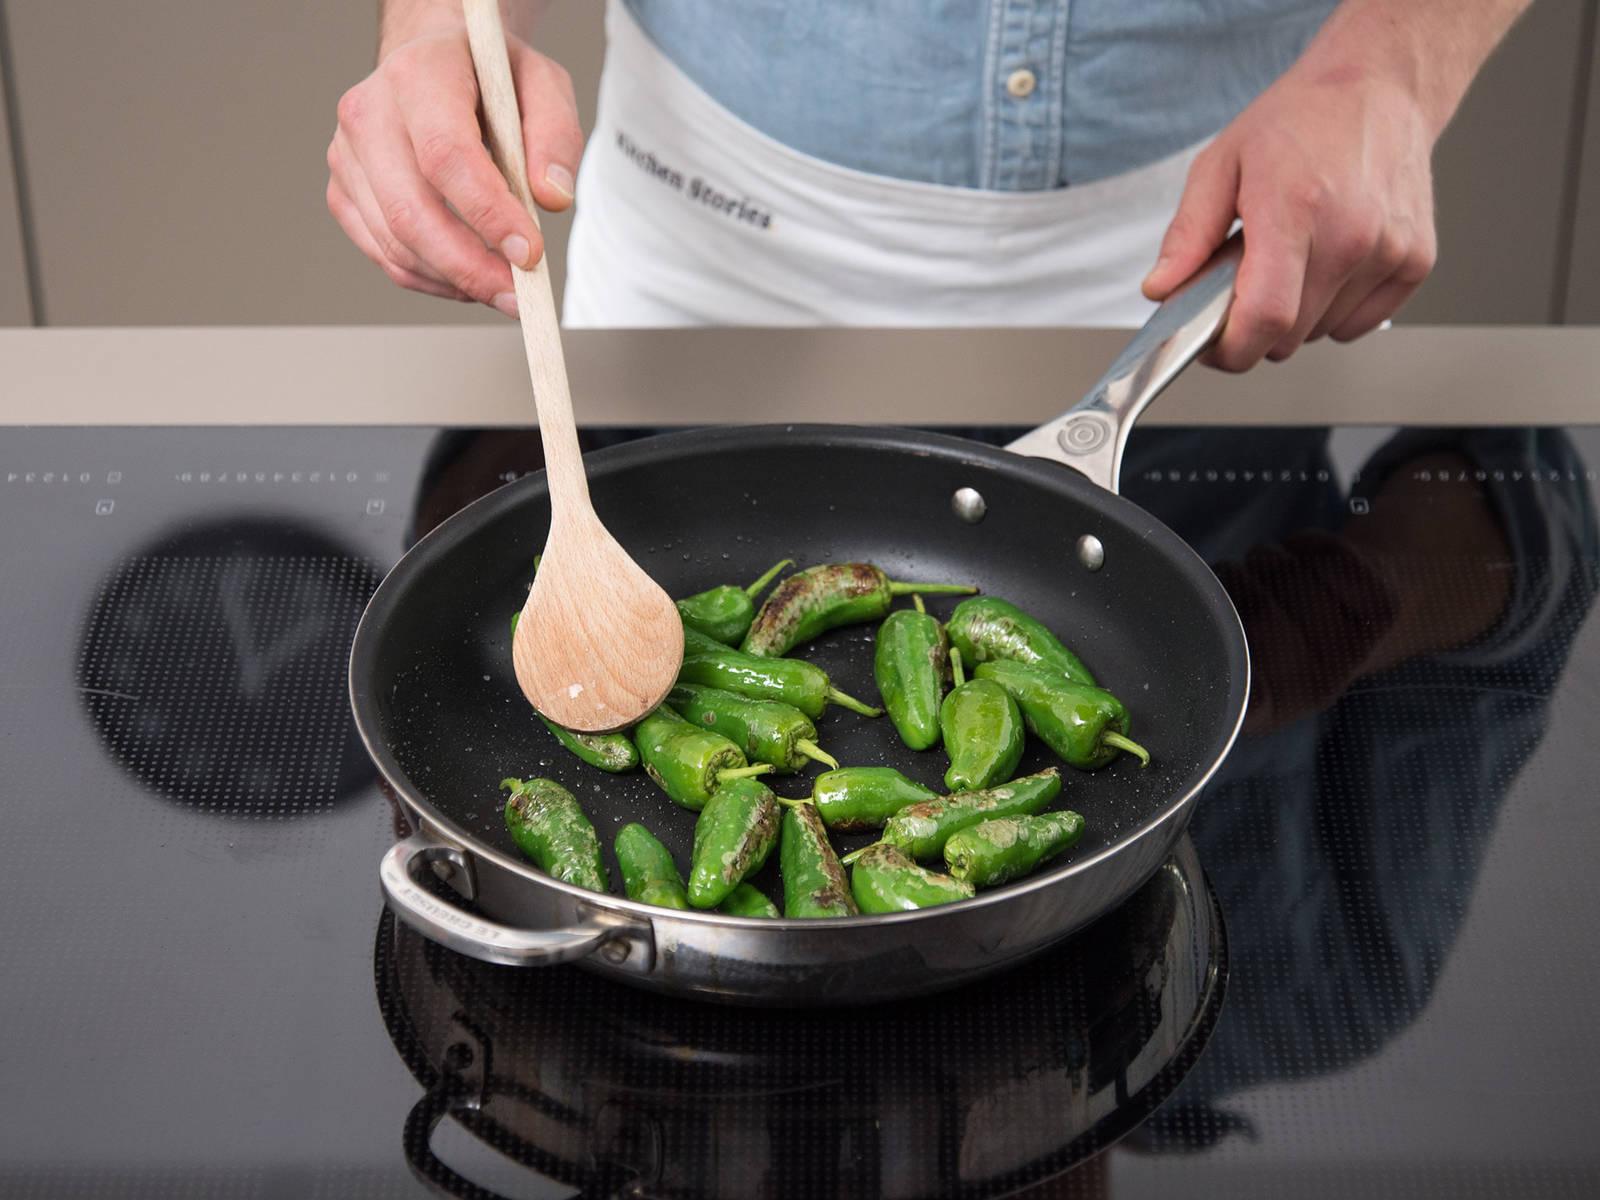 将帕德龙辣椒放入同一煎锅中,中高火煎2-3分钟,直至辣椒稍微烧焦。